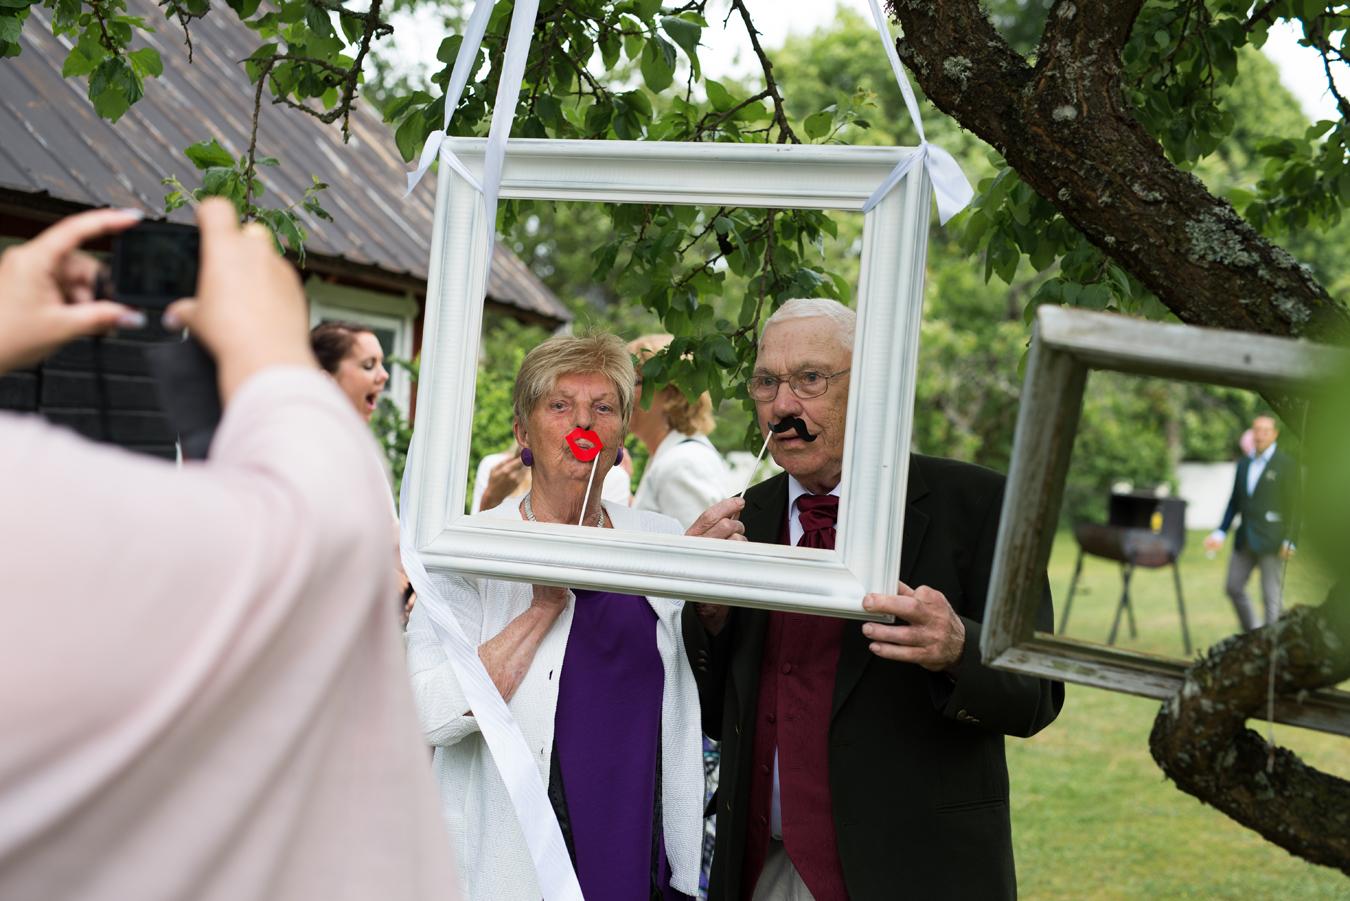 021-bröllopsfotograf-gumbalde-gotland-neas-fotografi.jpg